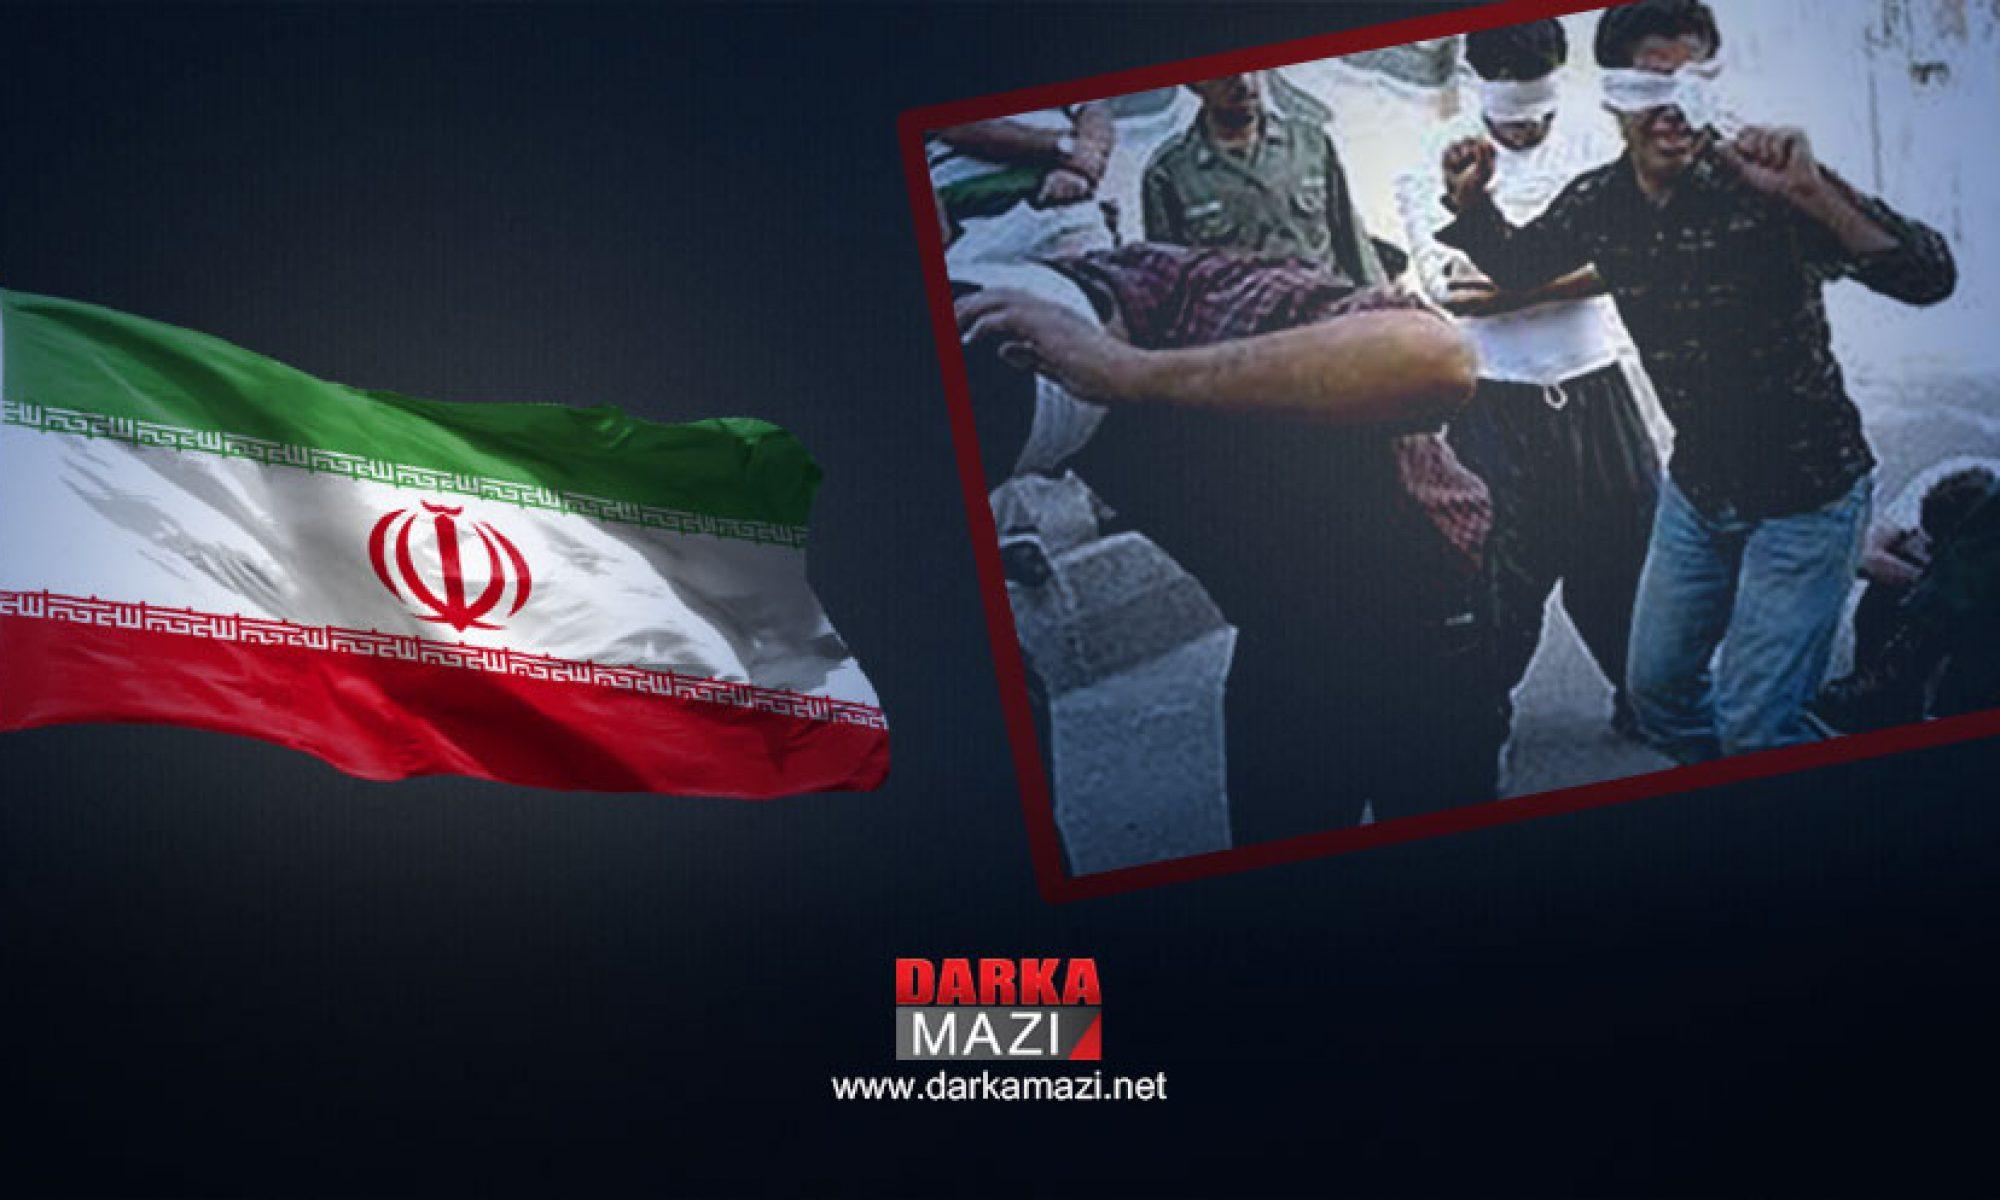 İran Kasım ayı boyunca 46 Kürt gencini siyasi nedenlerle tutukladı, Hengaw, Sine, Kirmanşah, Doğu Kürdistan, Rojhilat,